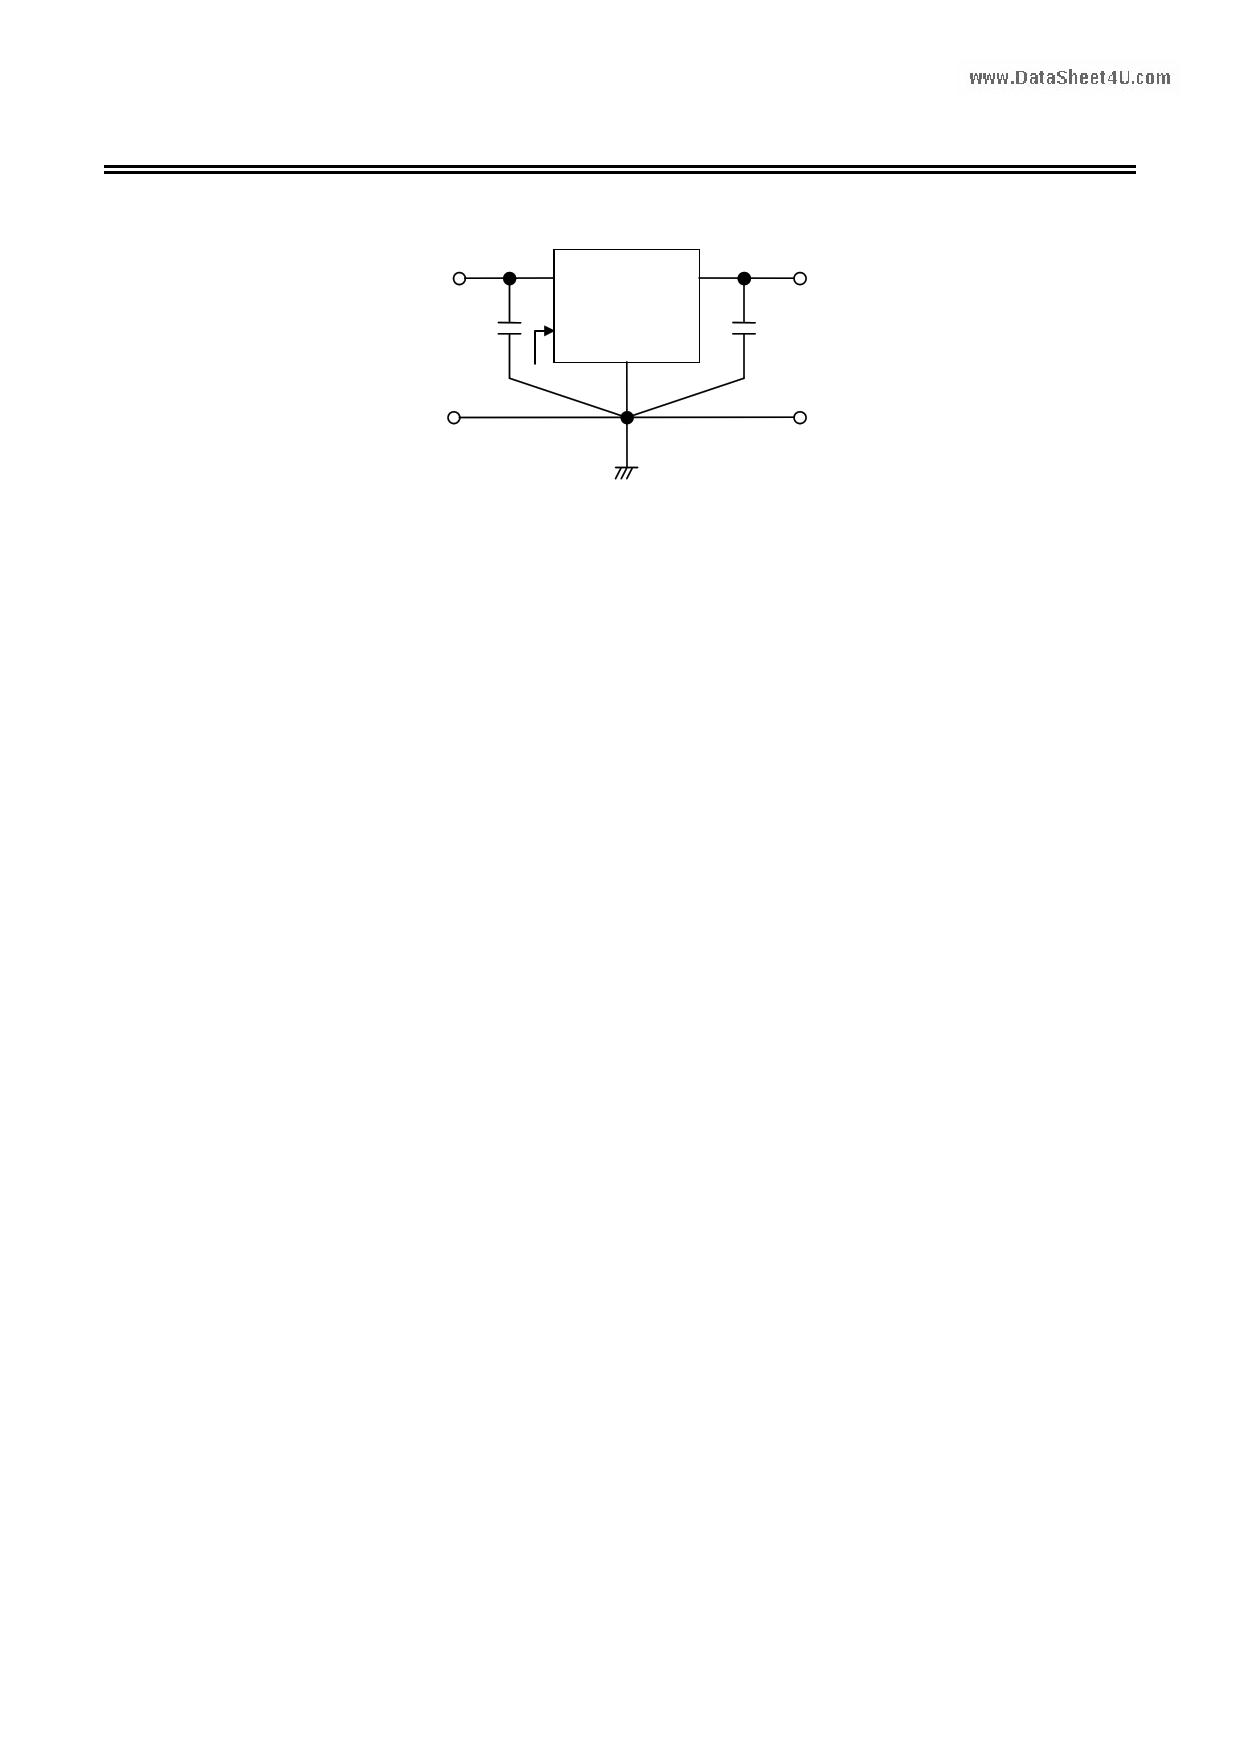 S-1200 arduino